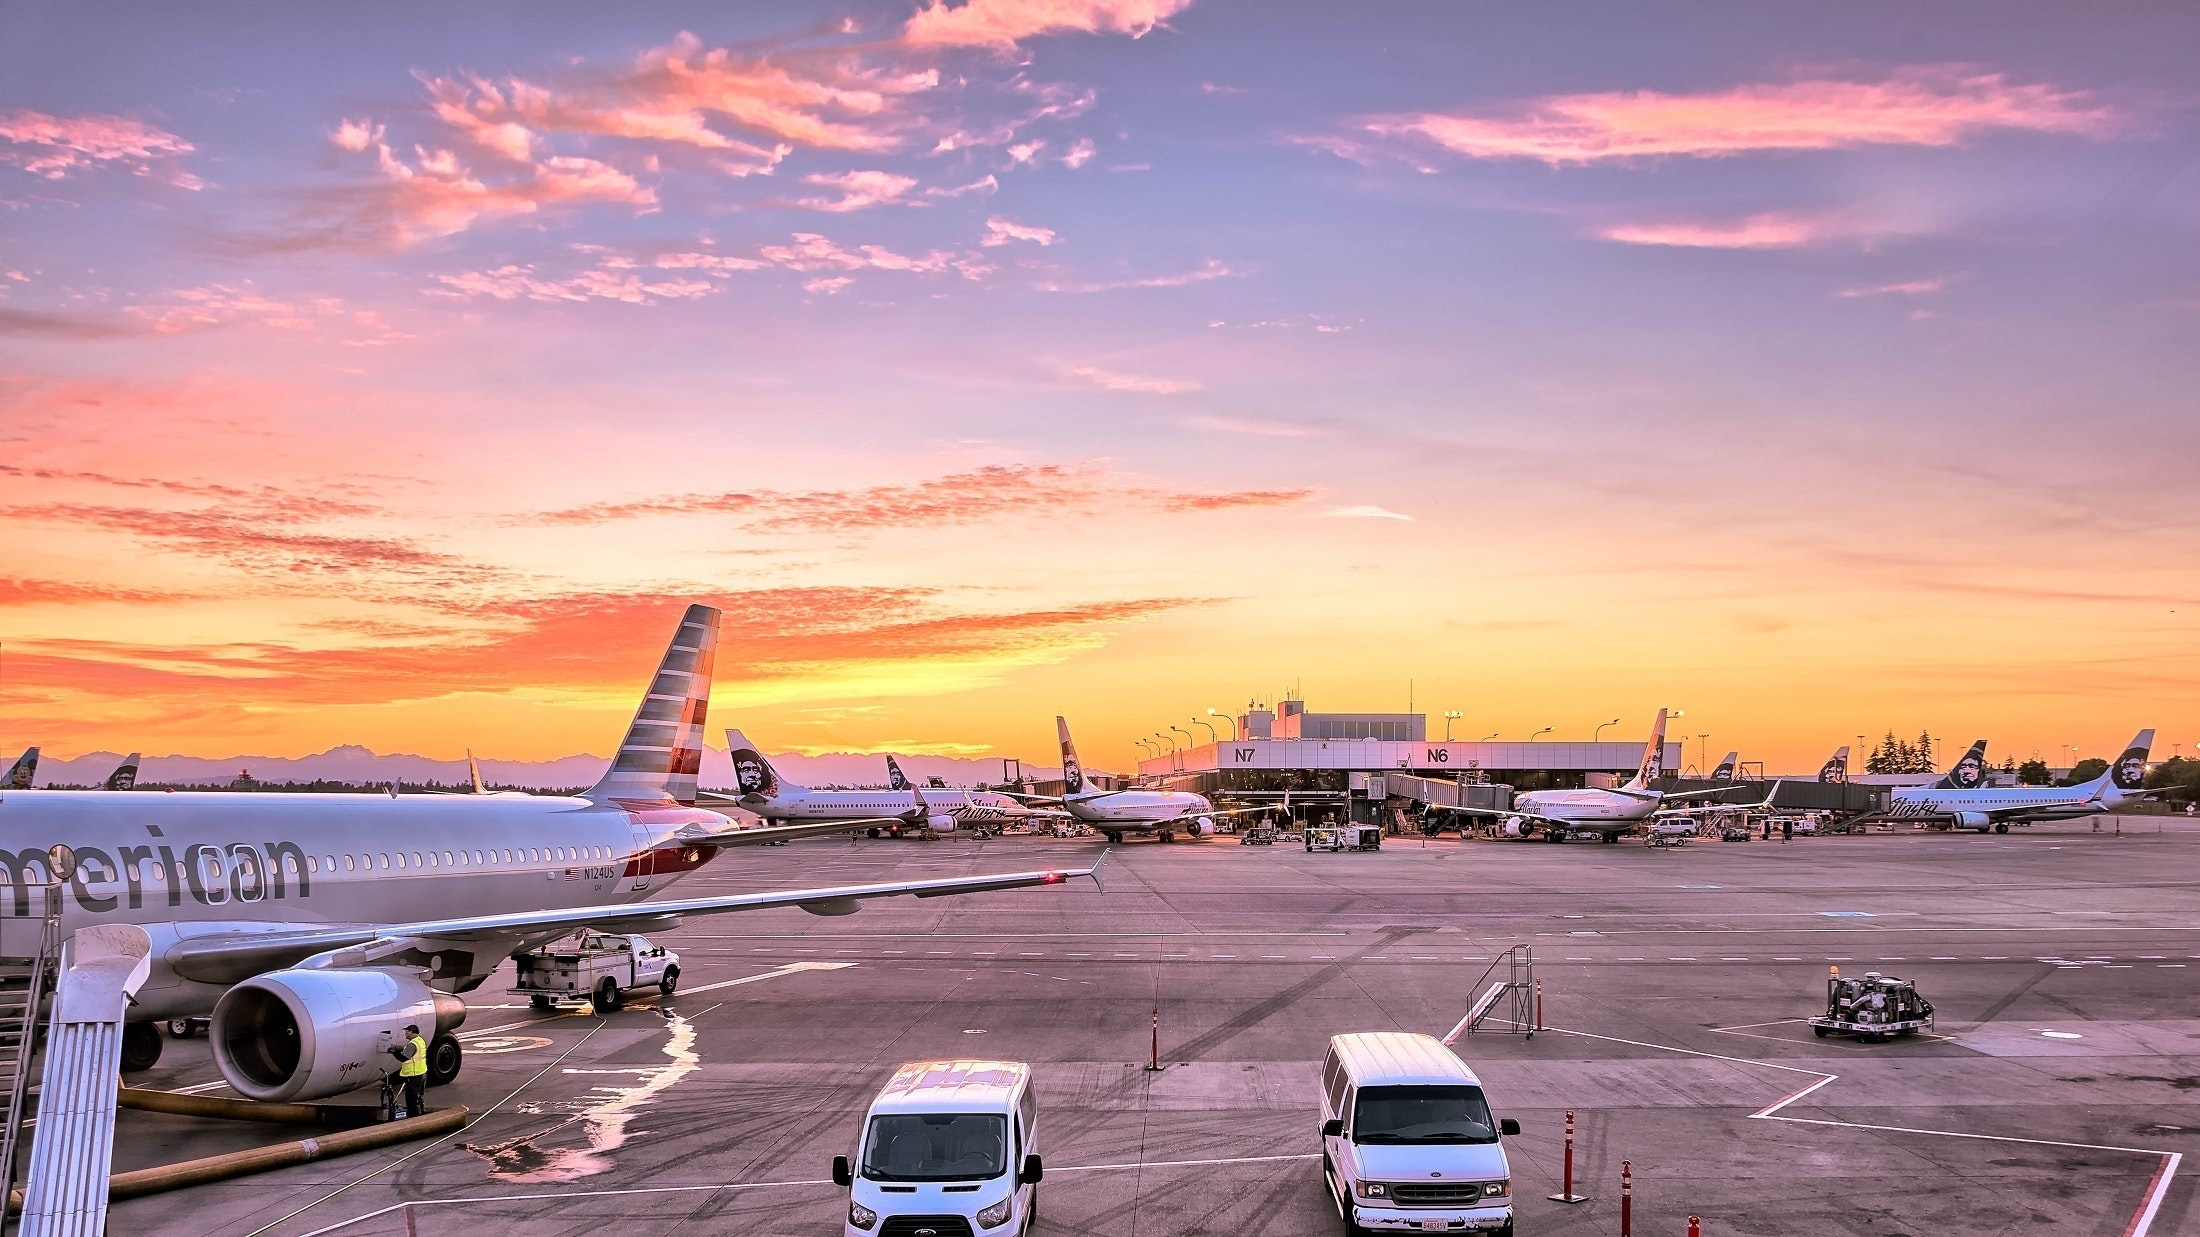 Επισκευές στον τροχόδρομο του αεροδρομίου της Αμερικανικής Βάσης